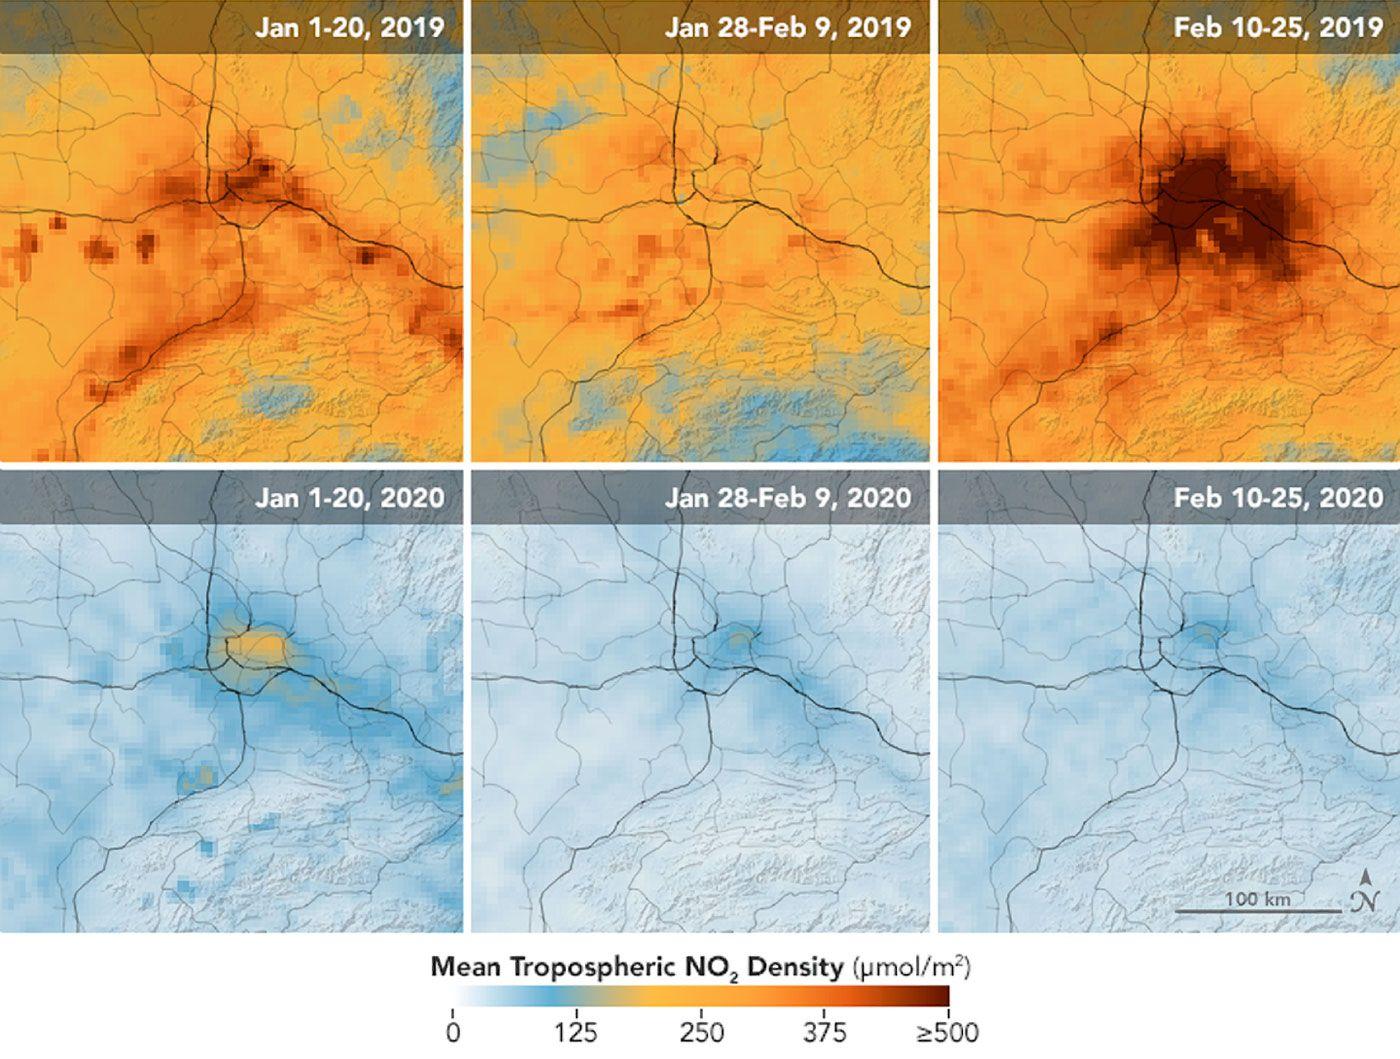 Kirlilik izleme uyduları 1 Ocak - 25 Şubat 2020 arasında Çin üzerinde azot dioksitte (NO2) önemli düşüşler tespit etti.